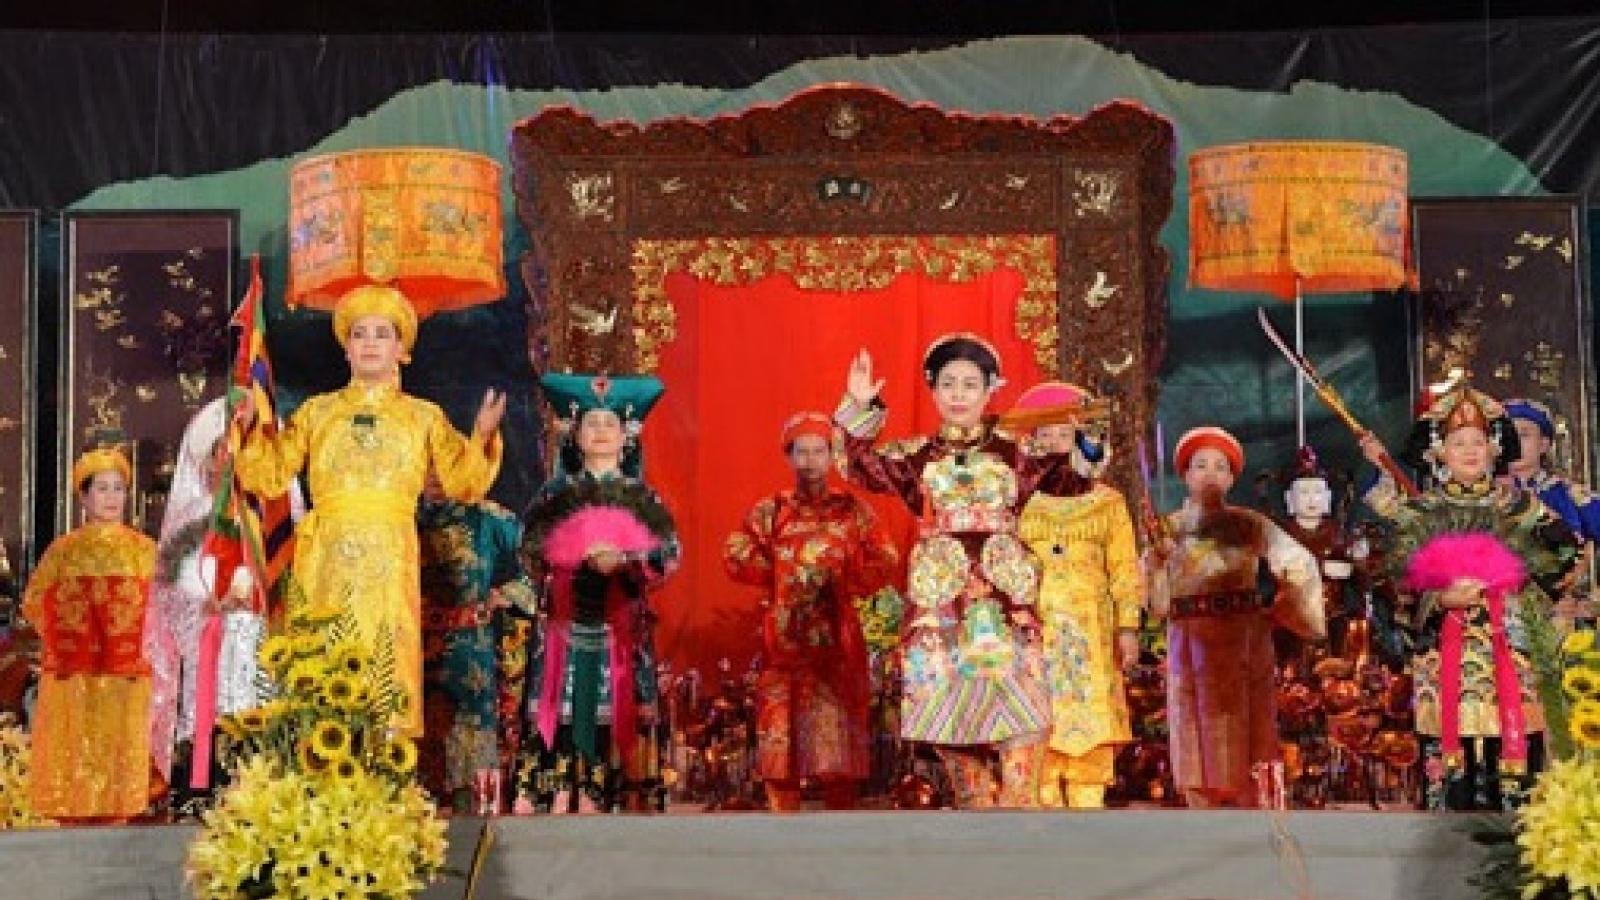 Nhiều hoạt động đặc sắc tại Festival thực hành tín ngưỡng thờ Mẫu Thượng Ngàn năm 2020